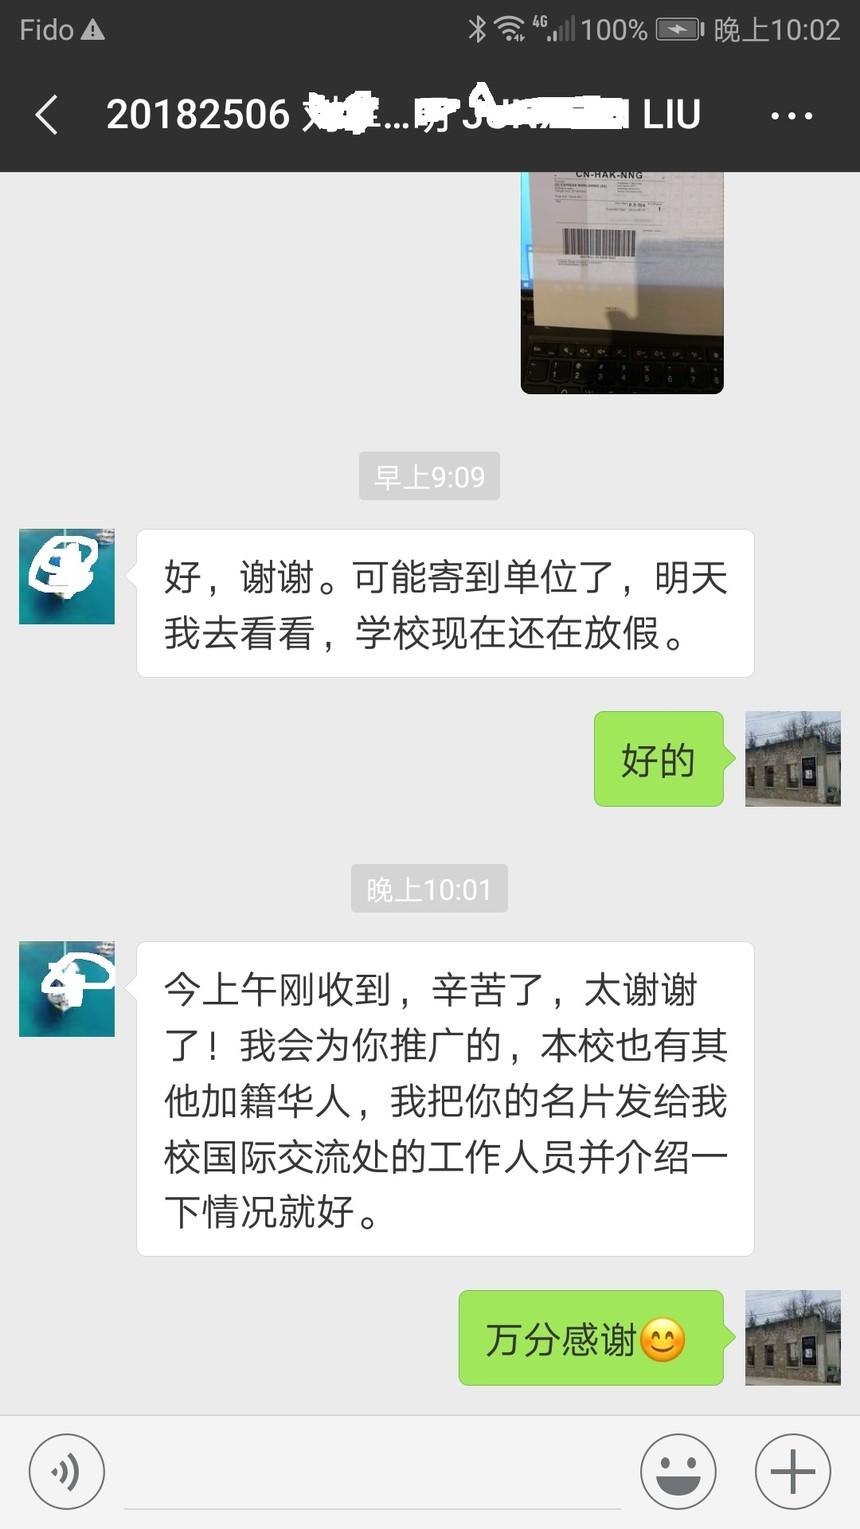 20182506 刘军贤 许诺推荐客户.jpg